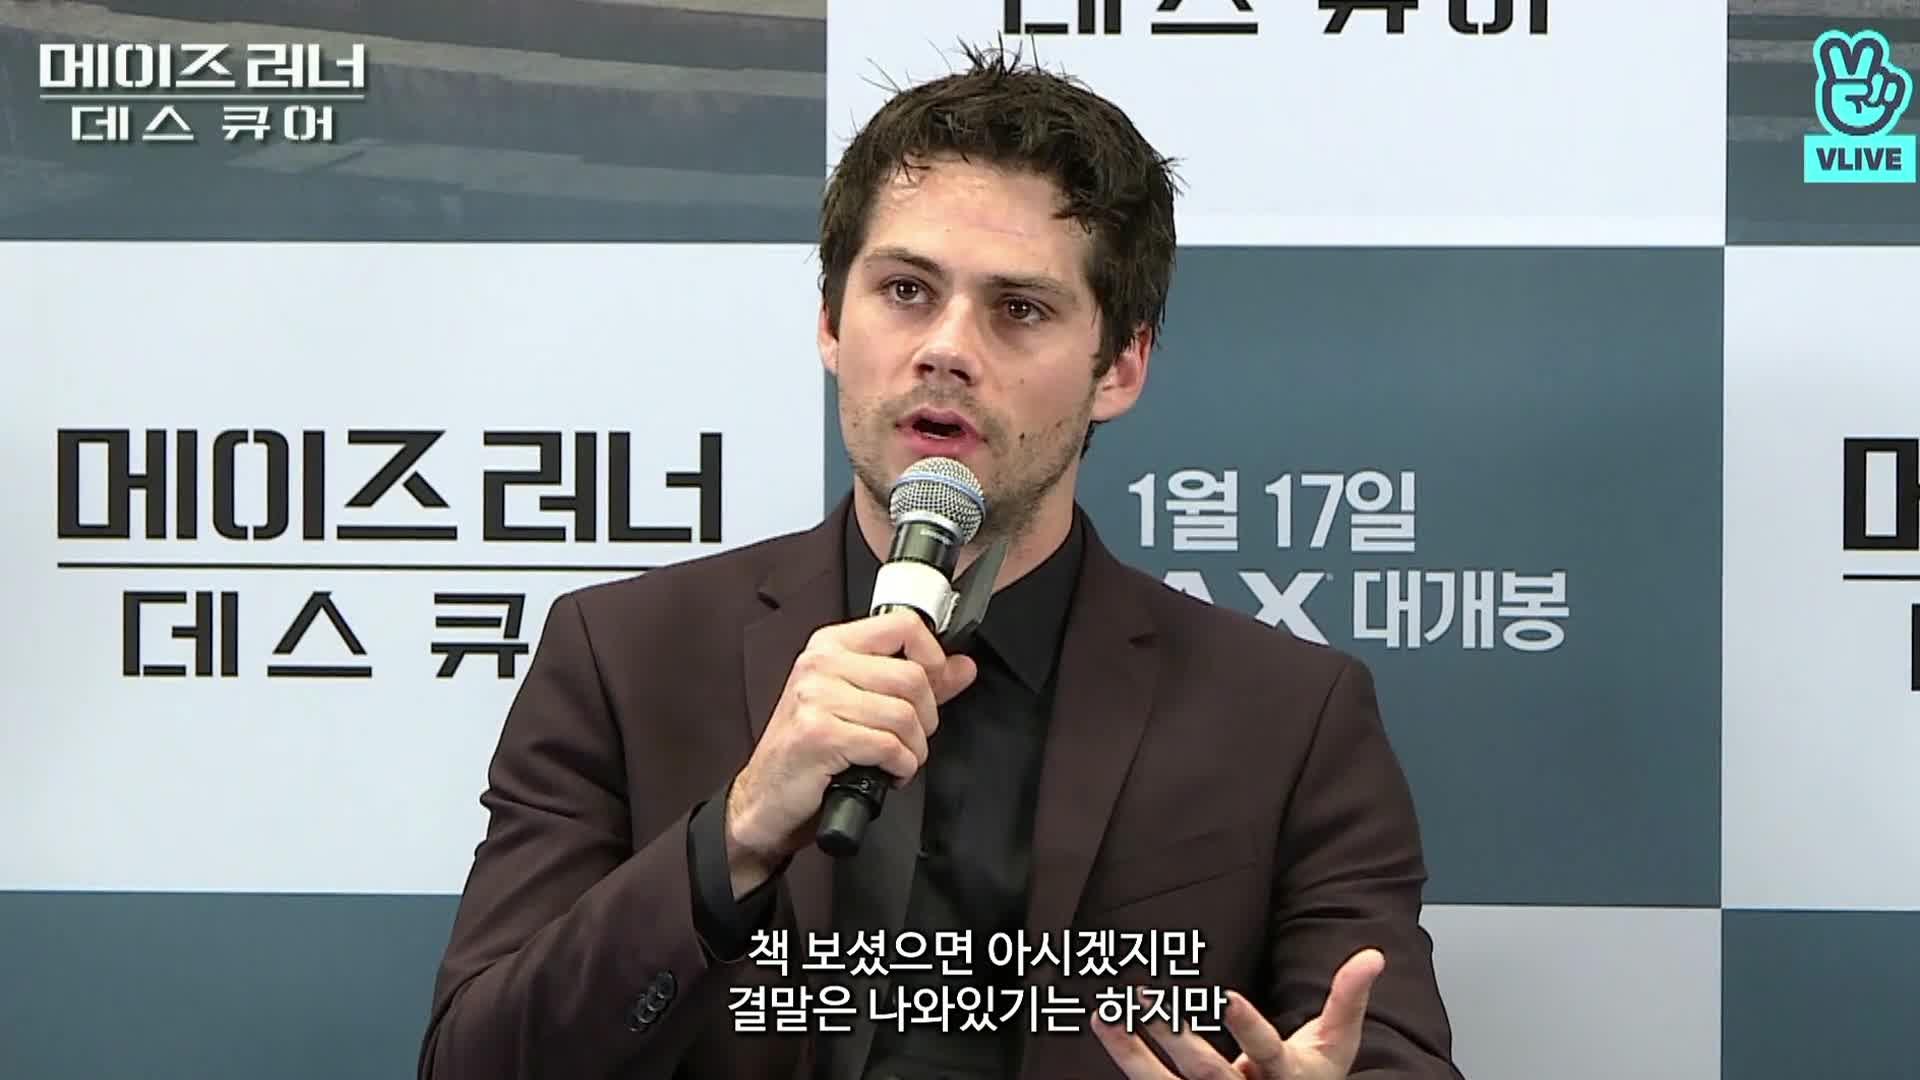 이기홍 X 딜런 오브라이언 X 토마스 생스터 <메이즈 러너: 데스 큐어> 무비토크 라이브 '<Maze Runner: The Death Cure>   MovieTalk LIVE'